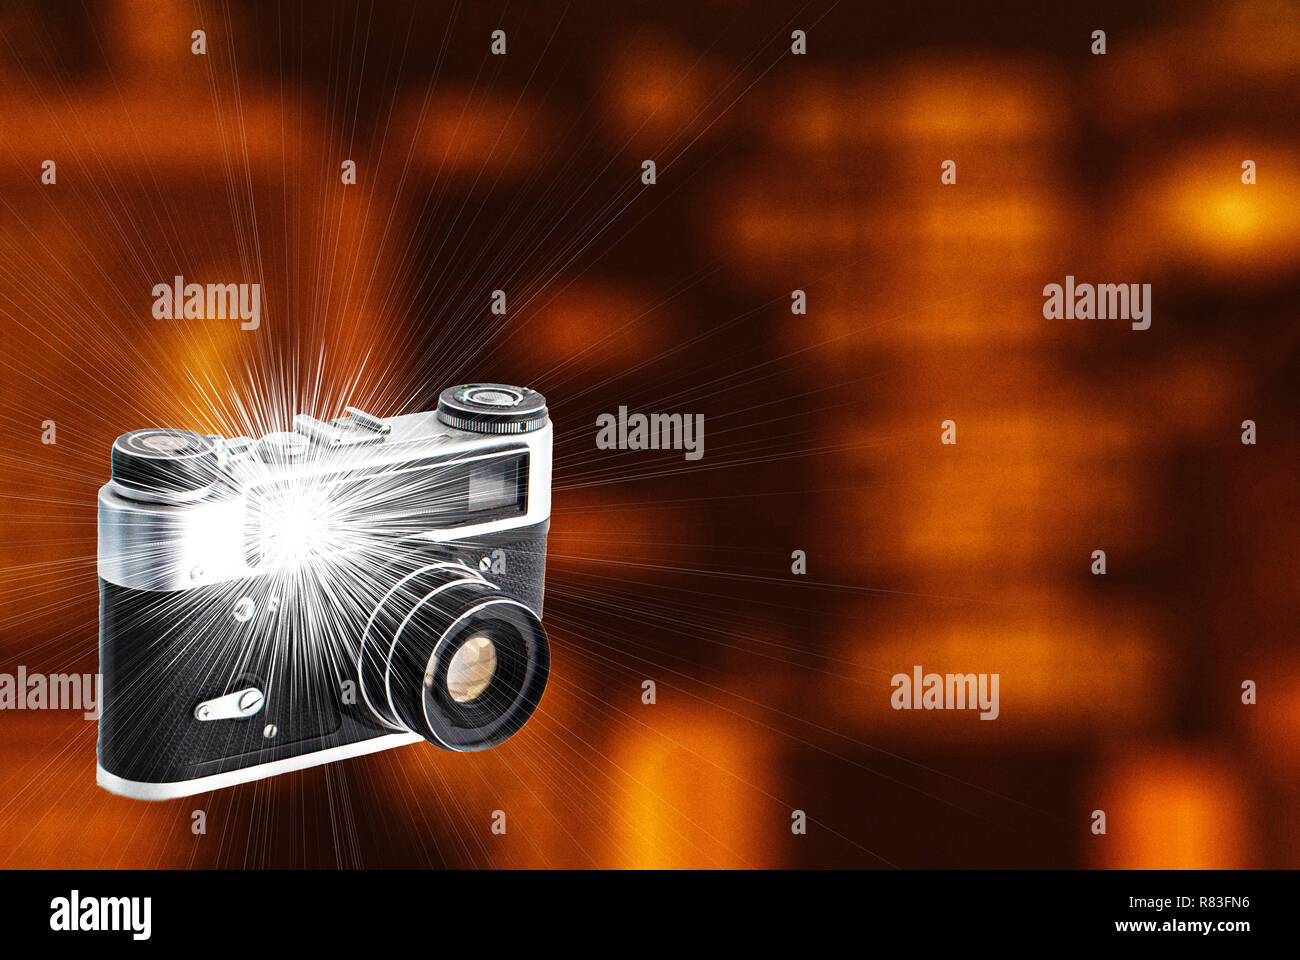 Cassette Case Stock Photos & Cassette Case Stock Images - Alamy